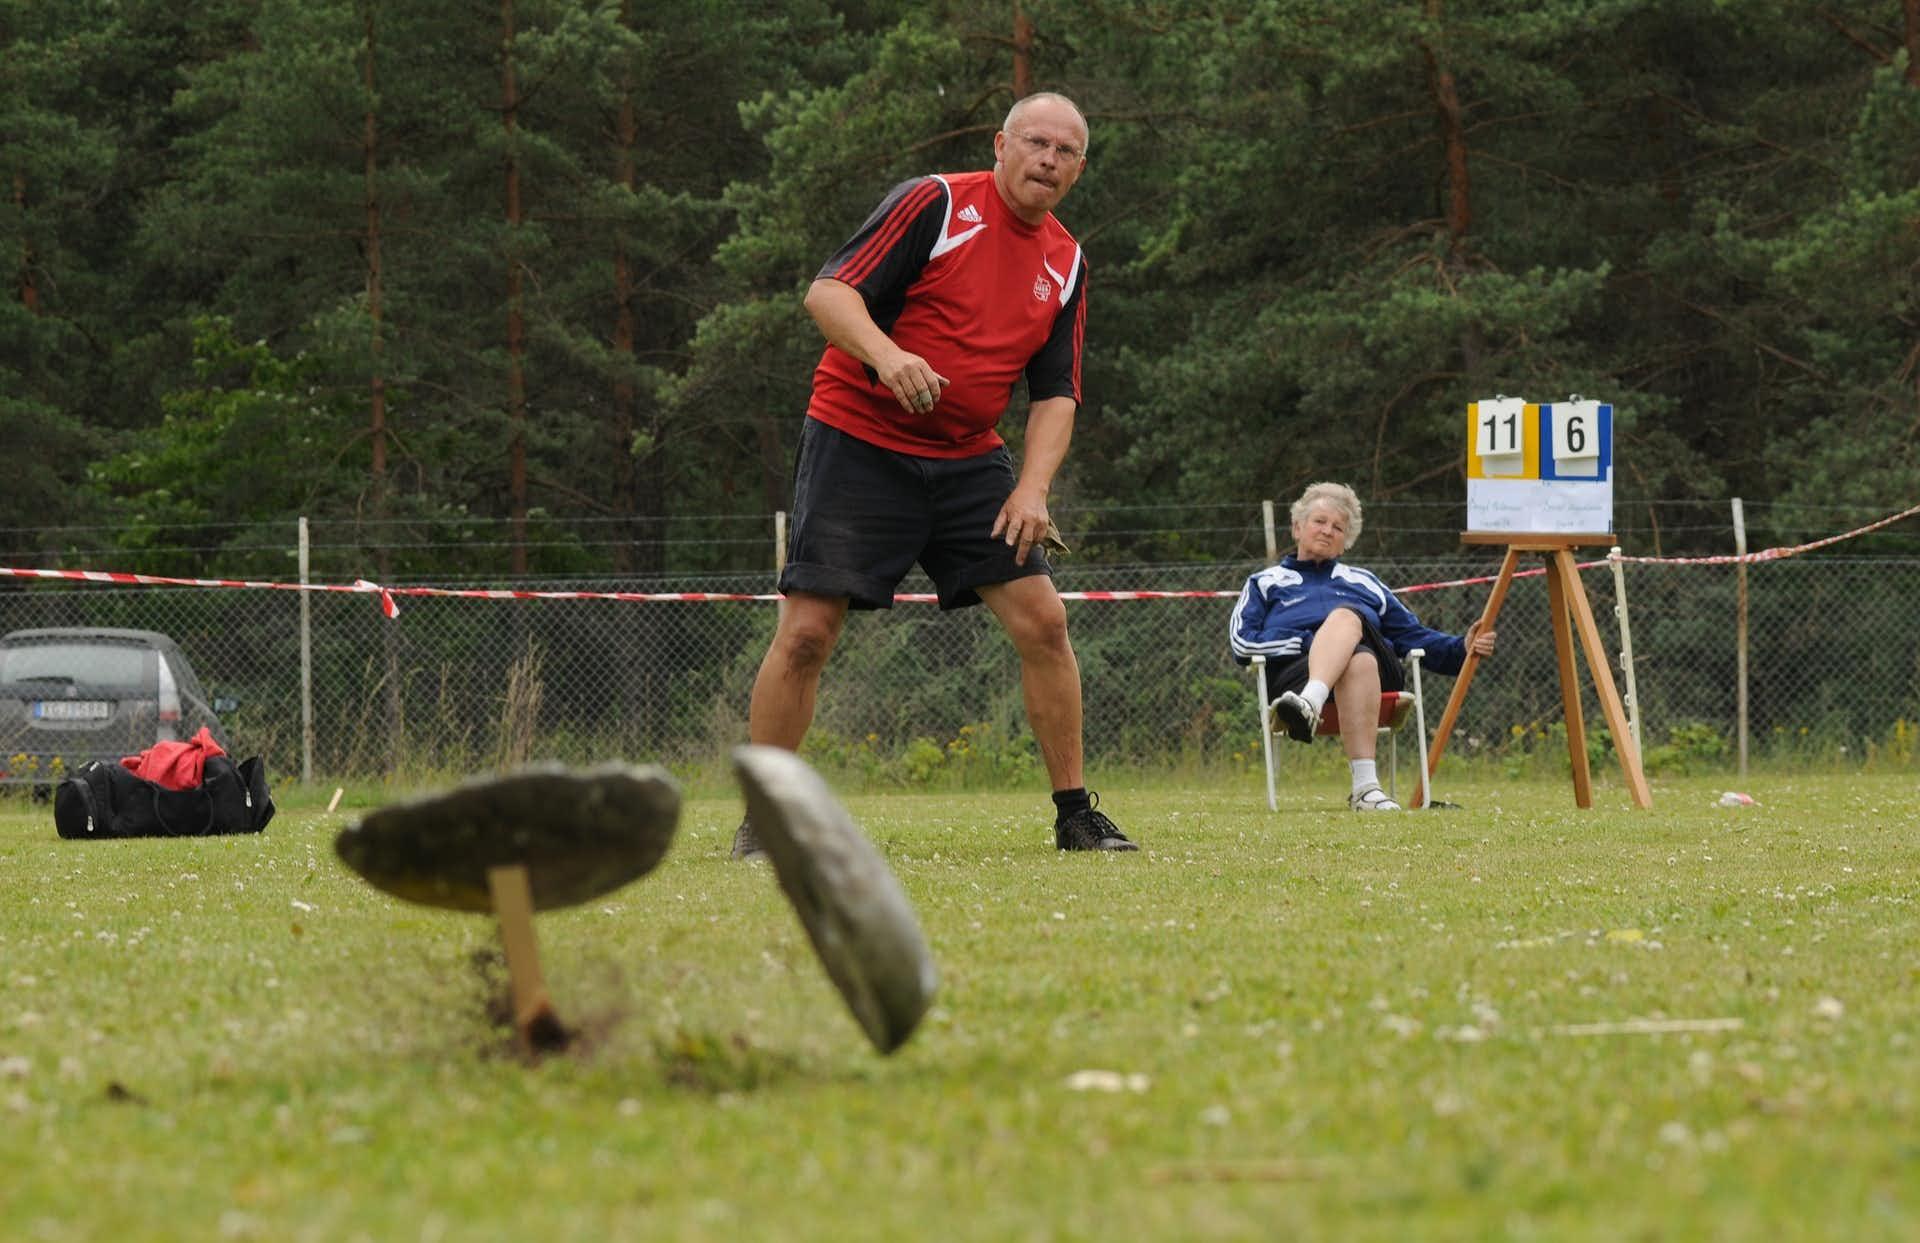 Man kastar varpa på Stångaspelen på Gotland. Kvinna i bakgrunden håller ordning på poängställningen i matchen. Det är sommar.